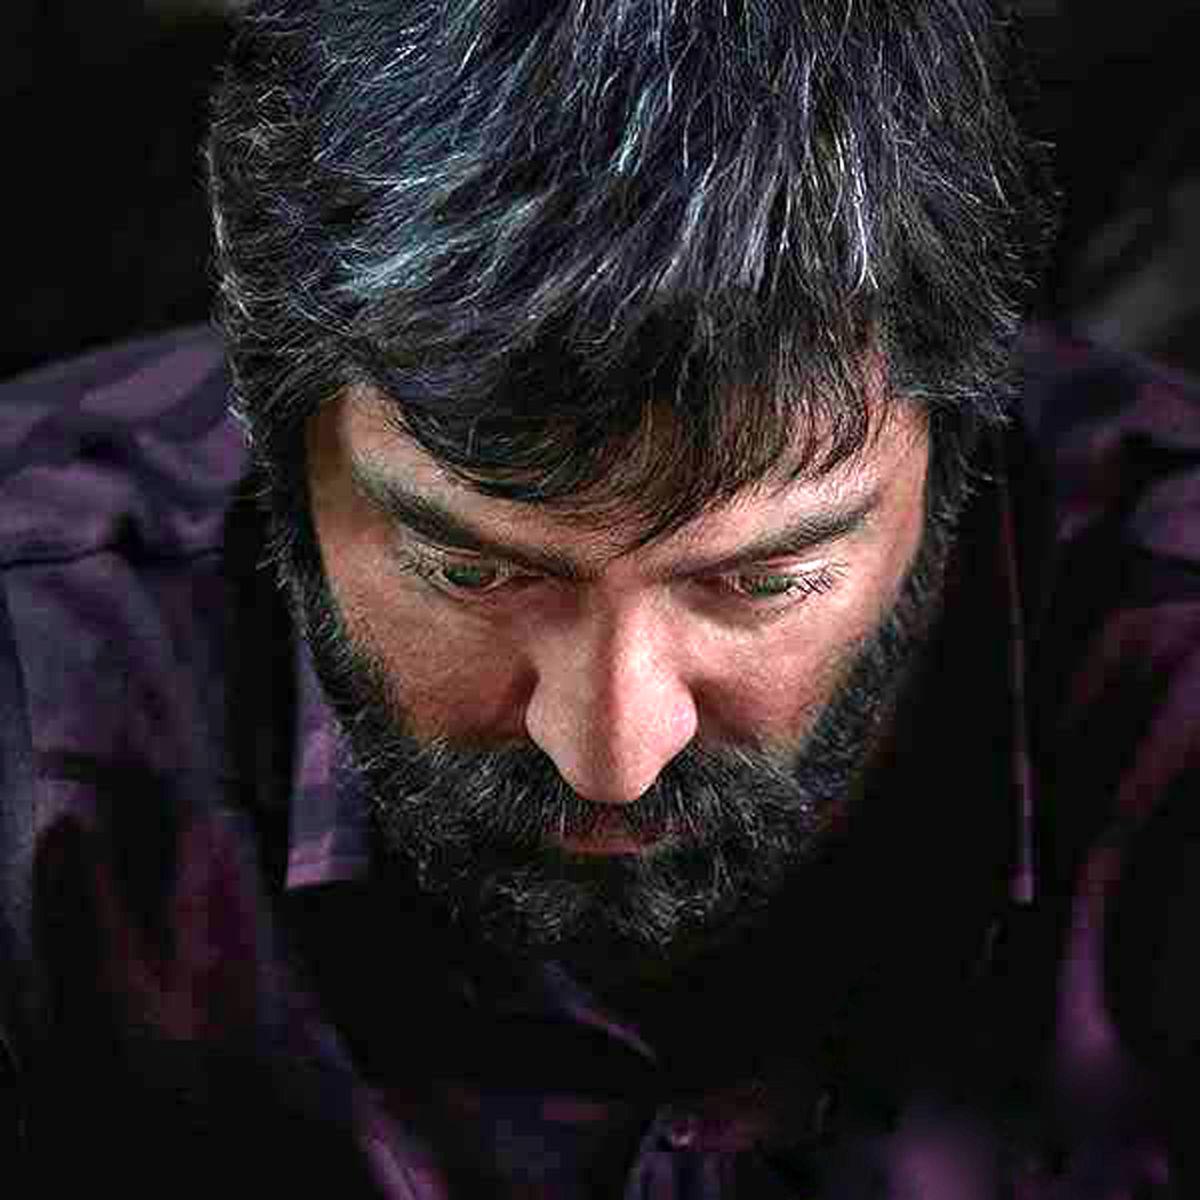 رونمایی از نخستین تصویر «ابلق» گریم جدید بهرام رادان بازیگر معروف مرد+عکس